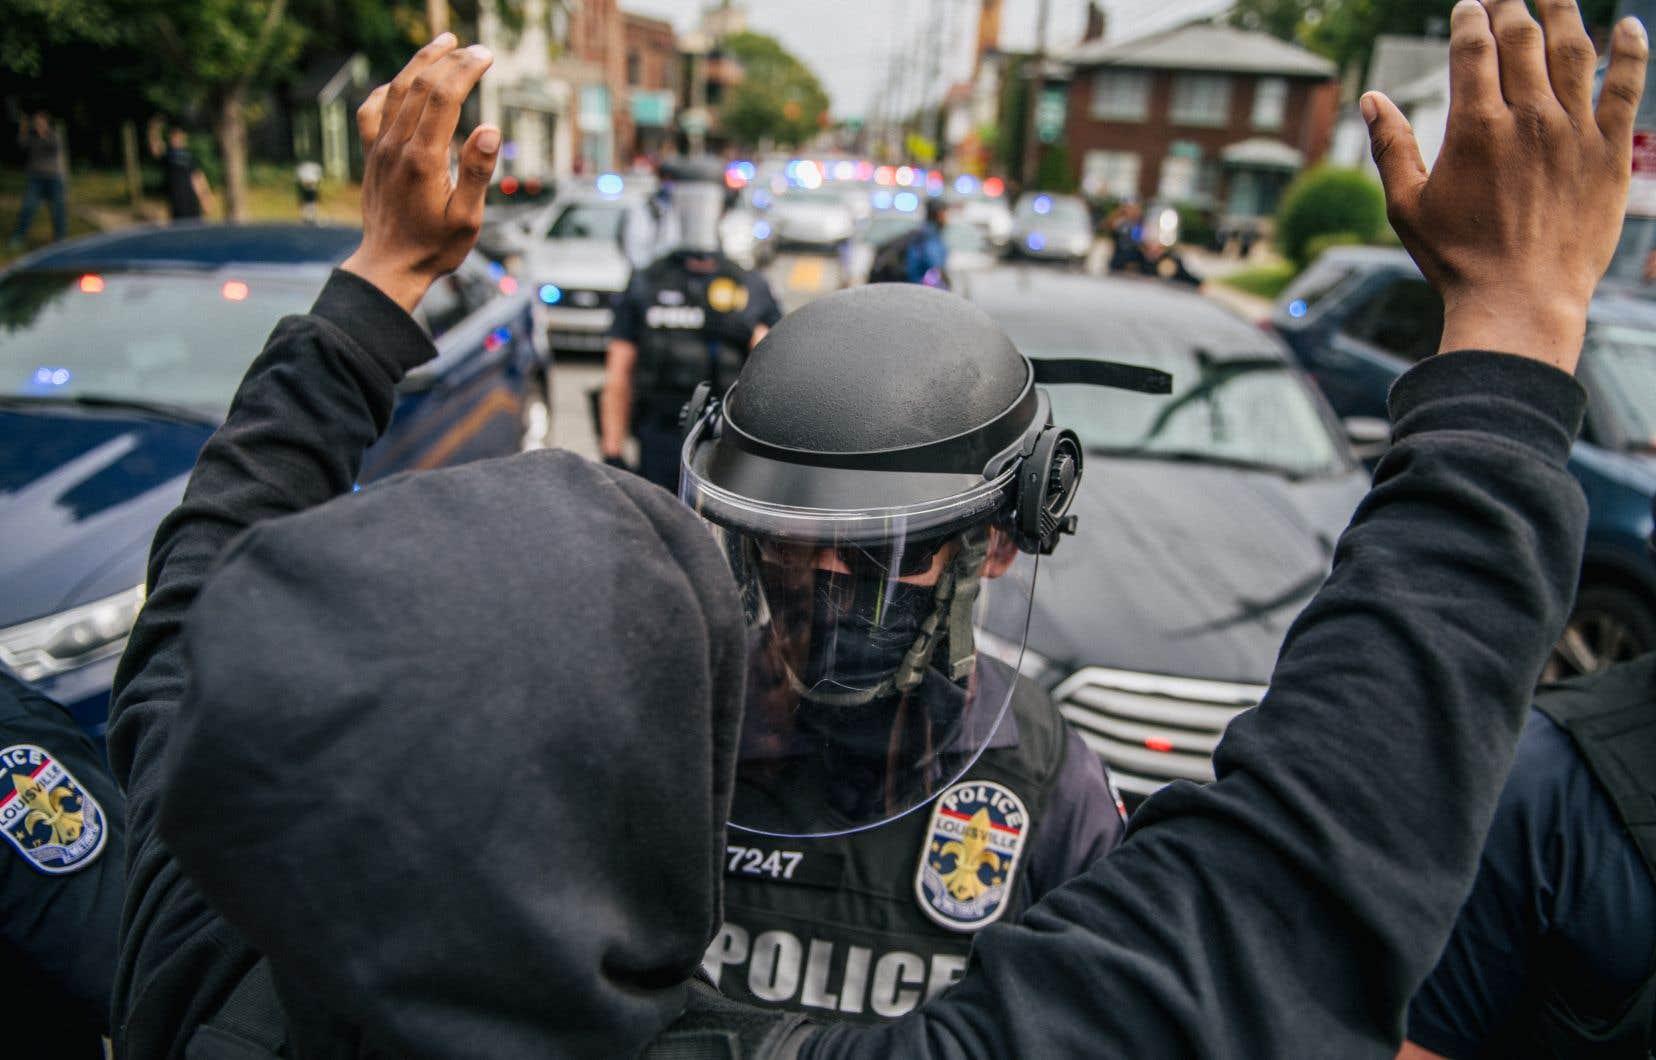 Après l'annonce de l'accusation d'un seul des trois policiers impliqués dans la mort de Breonna Taylor, des manifestations ont éclaté à Louisville et d'autres grandes villes du pays.